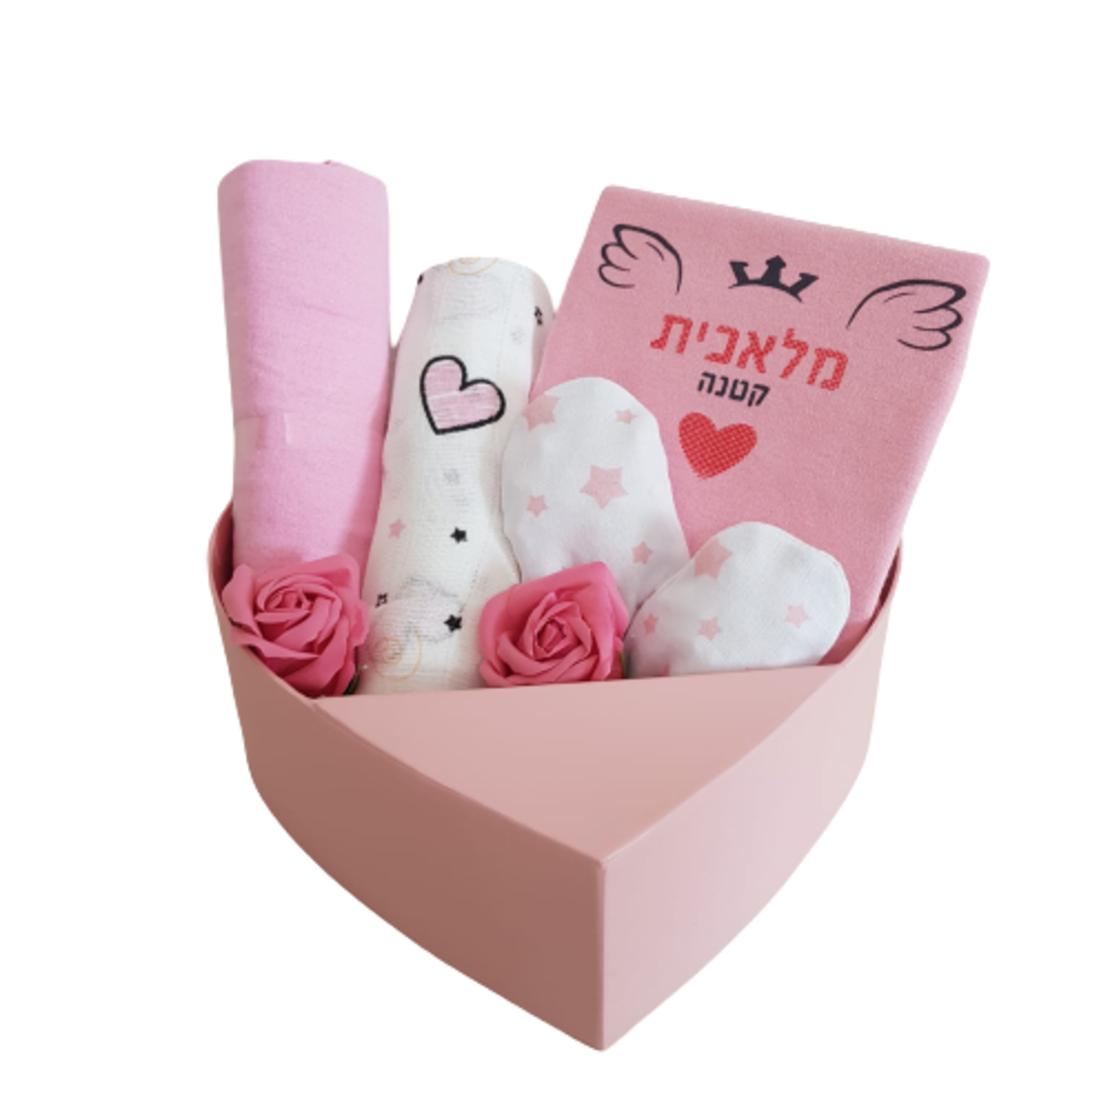 מתנה להולדת הבת - ליולדת באהבה